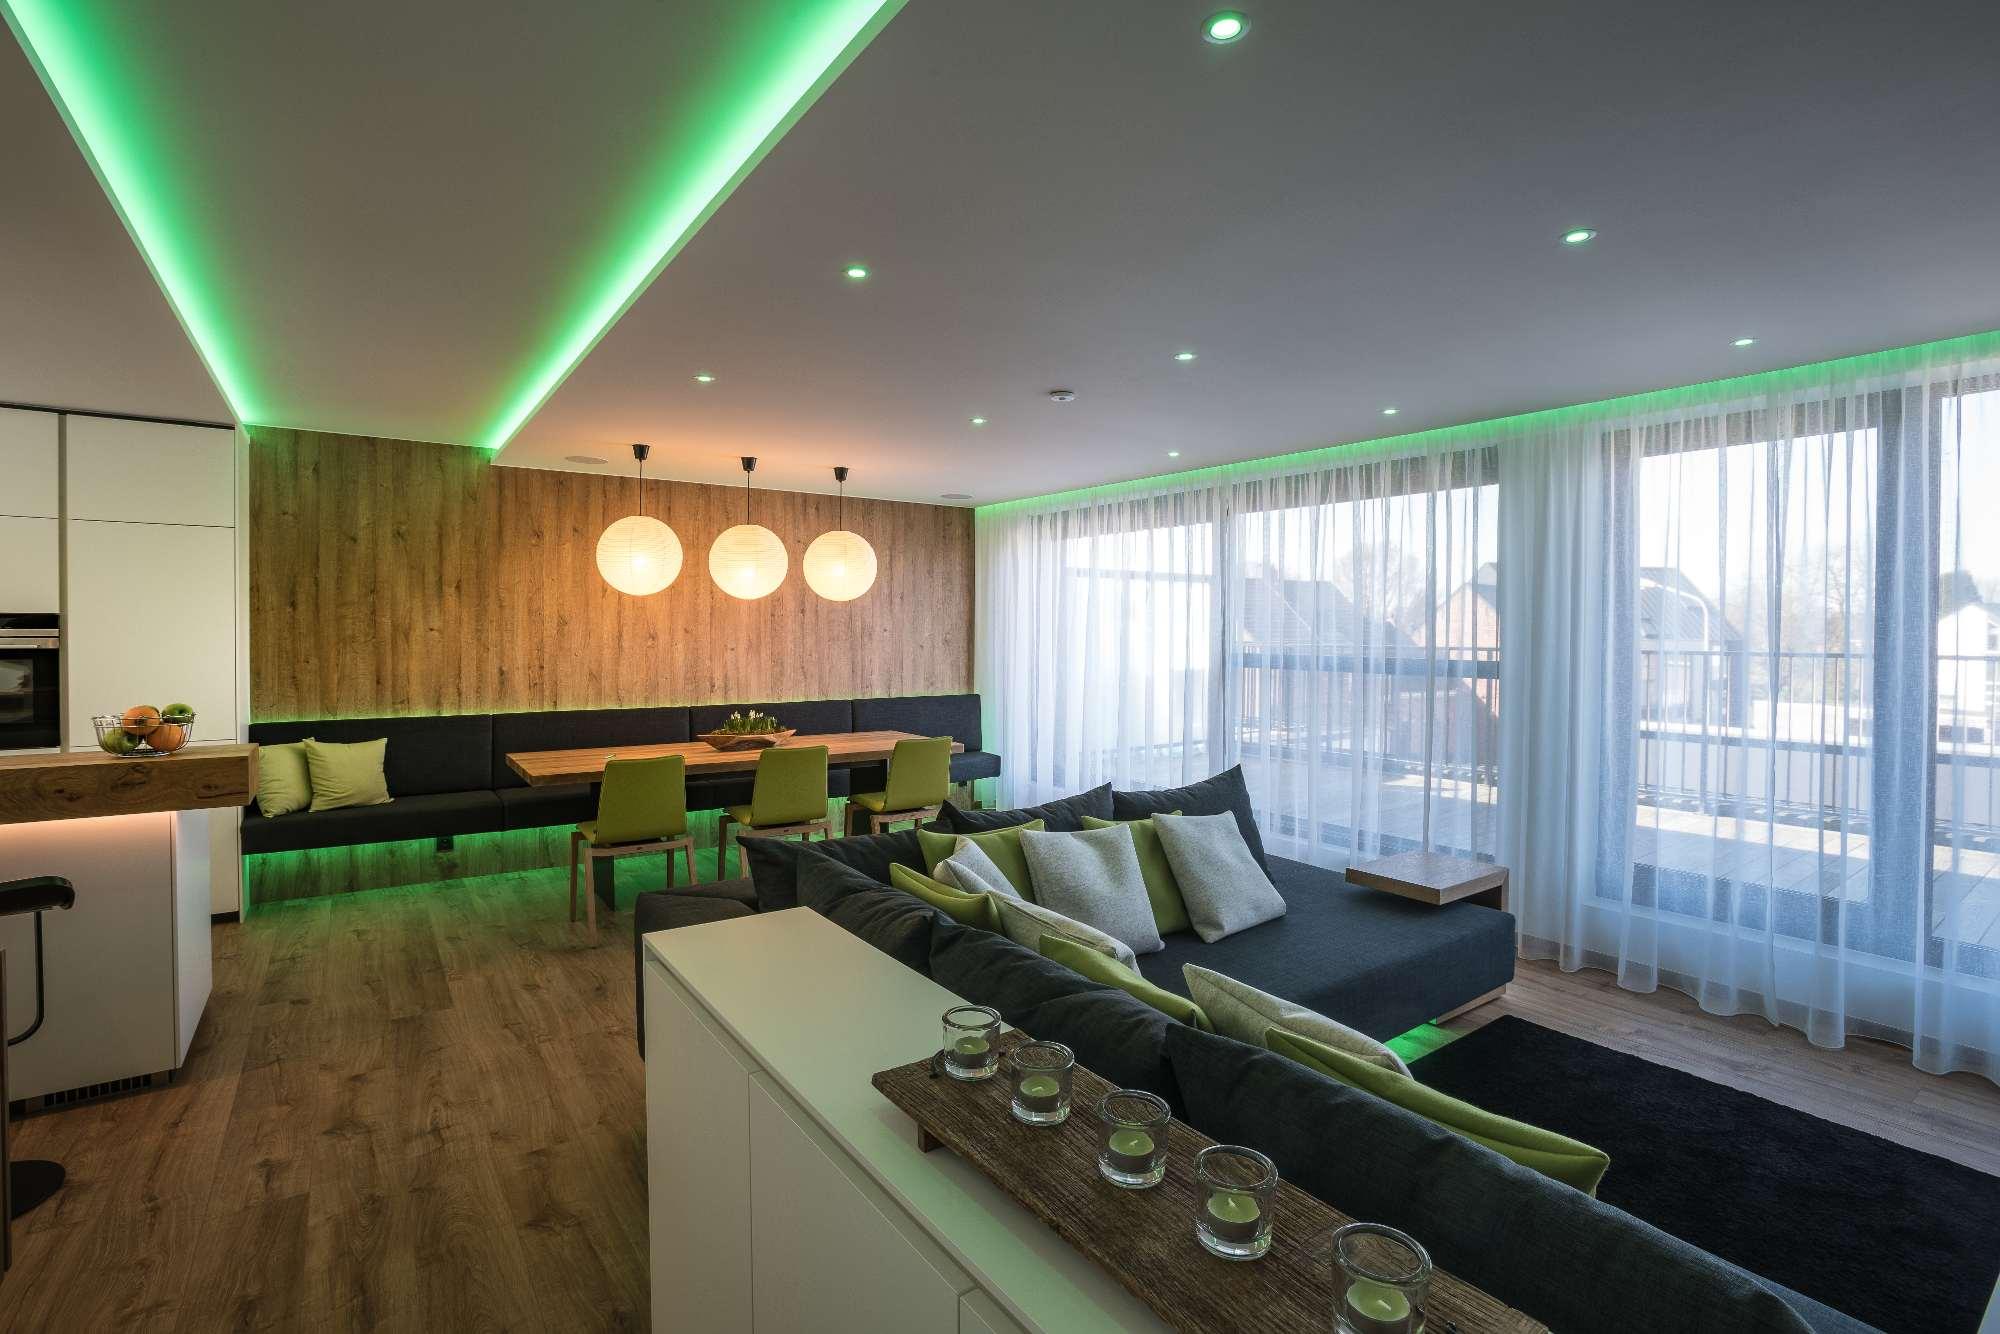 - Iluminatul cu factorul WoWLumina are puterea de a transforma spațiile și modurile de iluminat. Lumina proiectată cu grijă oferă o modalitate excelentă de a crea drame și contrast în interiorul casei dvs. Cu Loxone, puteți alege dintr-o paletă de culori și combinați diferite surse de lumină și niveluri pentru a crea